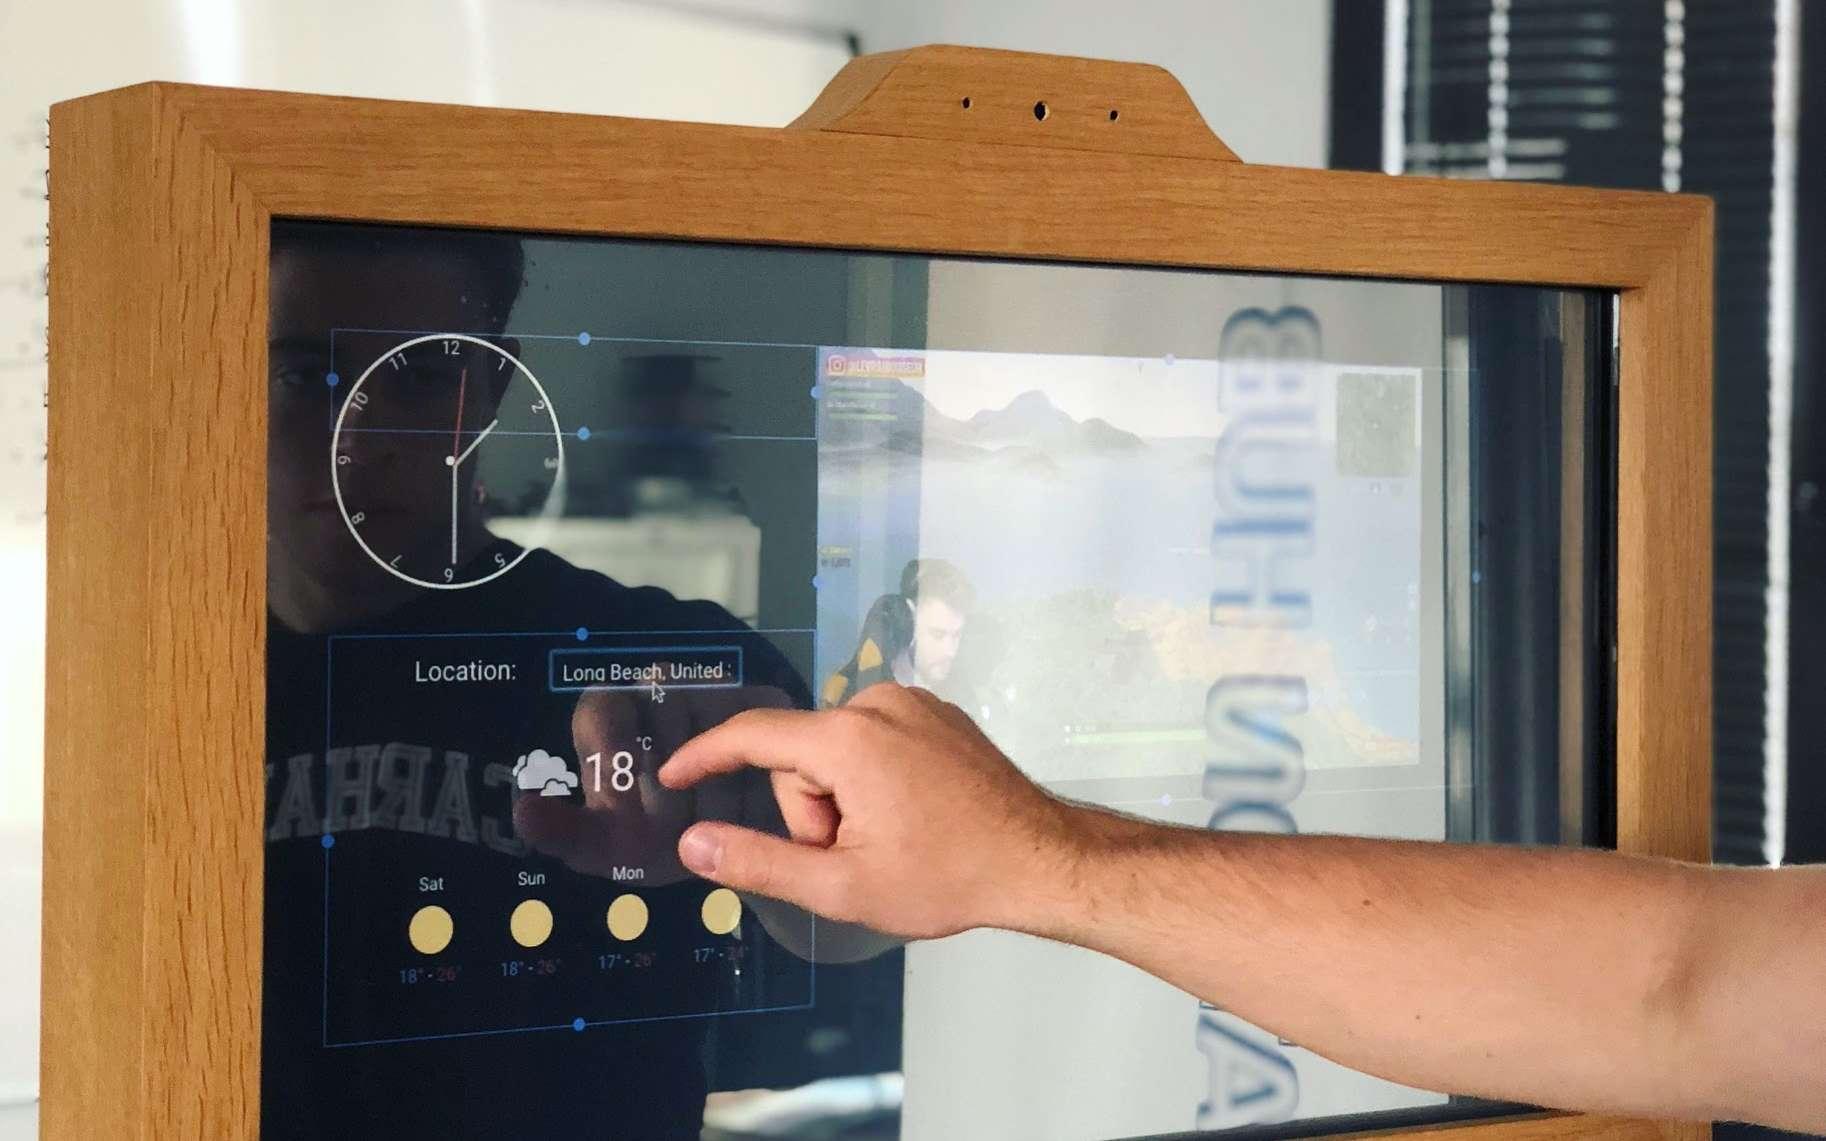 Le miroir connecté uReflect est entièrement personnalisable grâce à son interface open source. © uReflect